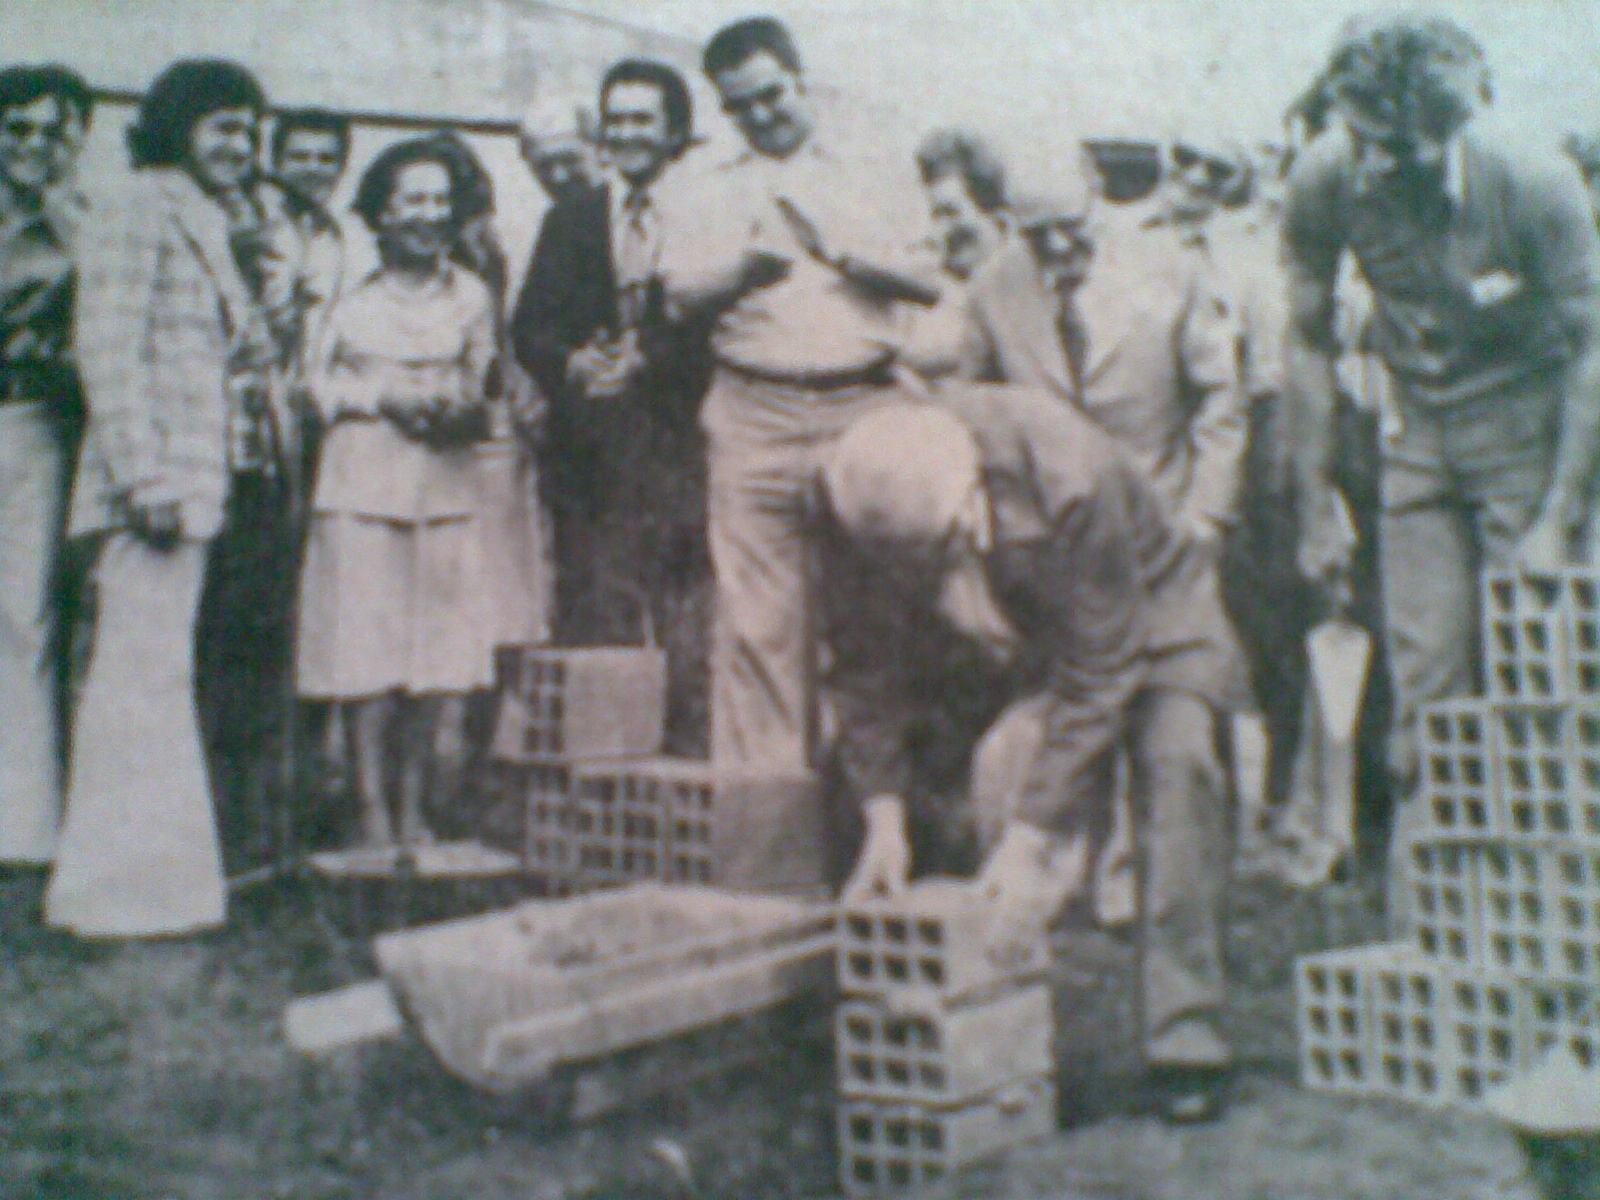 Lançamento da Pedra Fundamental do SENAC - 1977